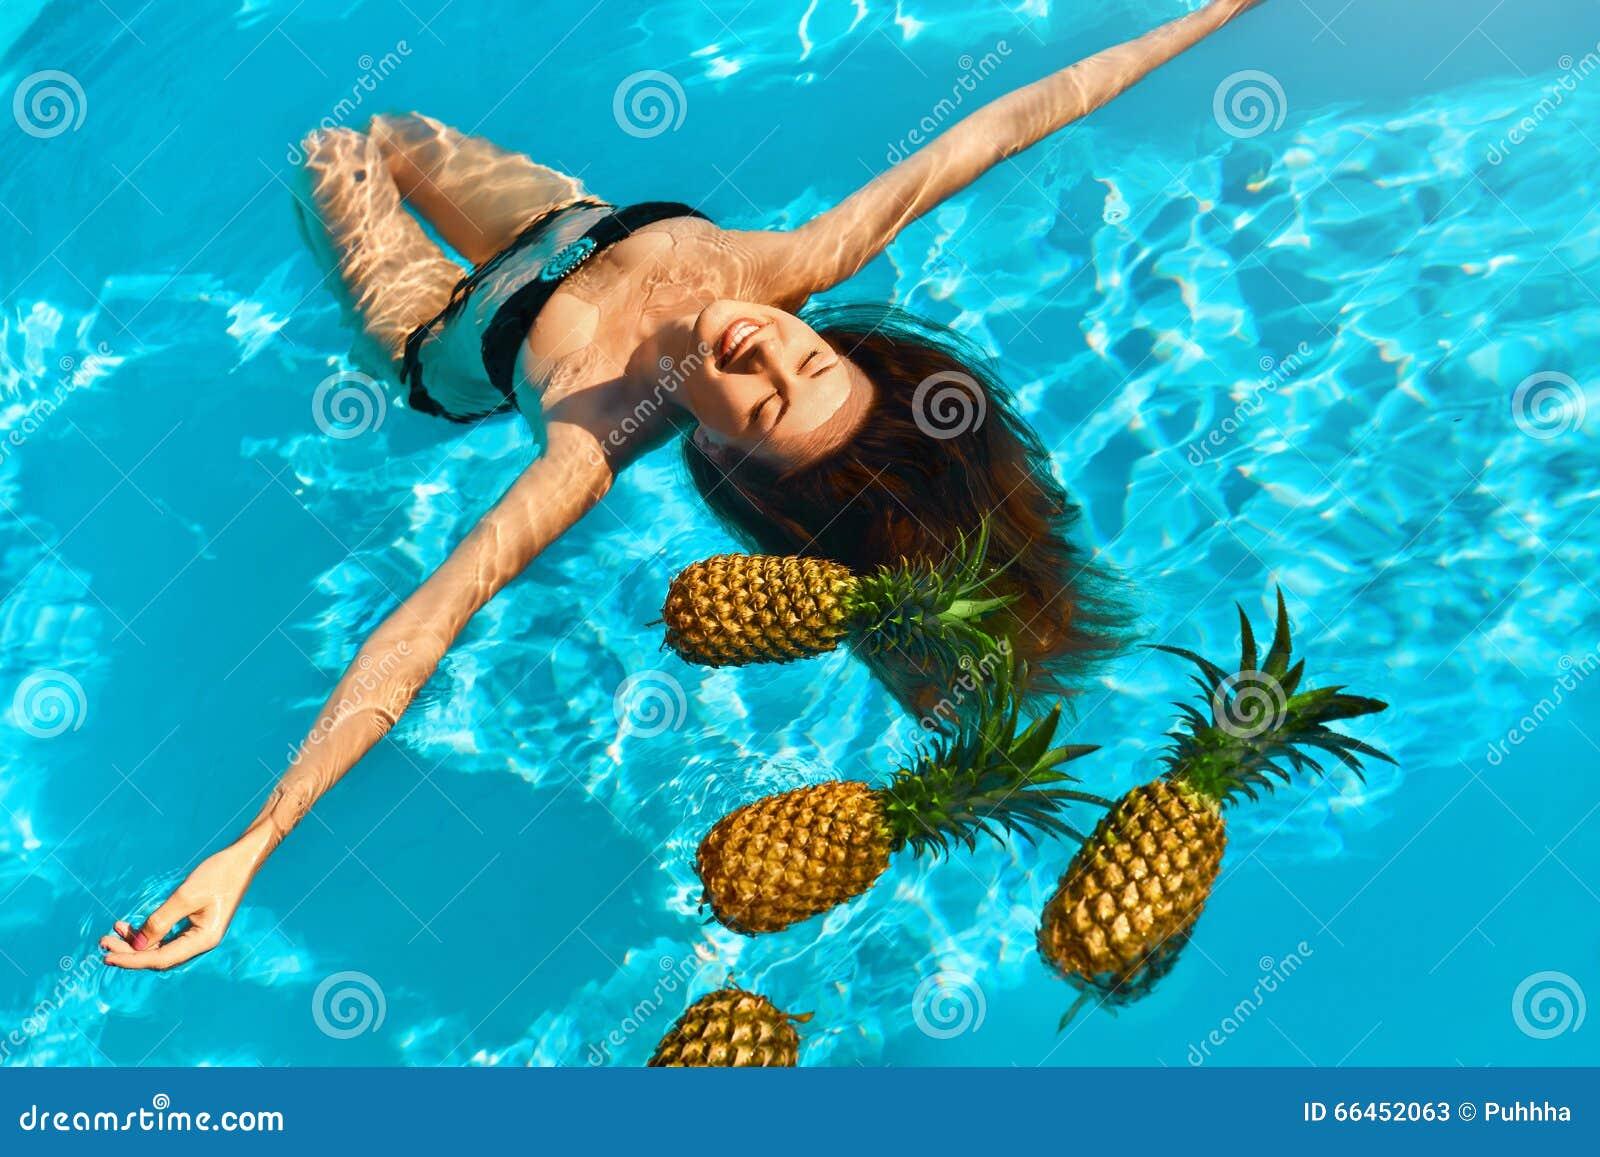 Υγιεινή διατροφή, διατροφή Γυναίκα με τους ανανάδες στη λίμνη (νερό)